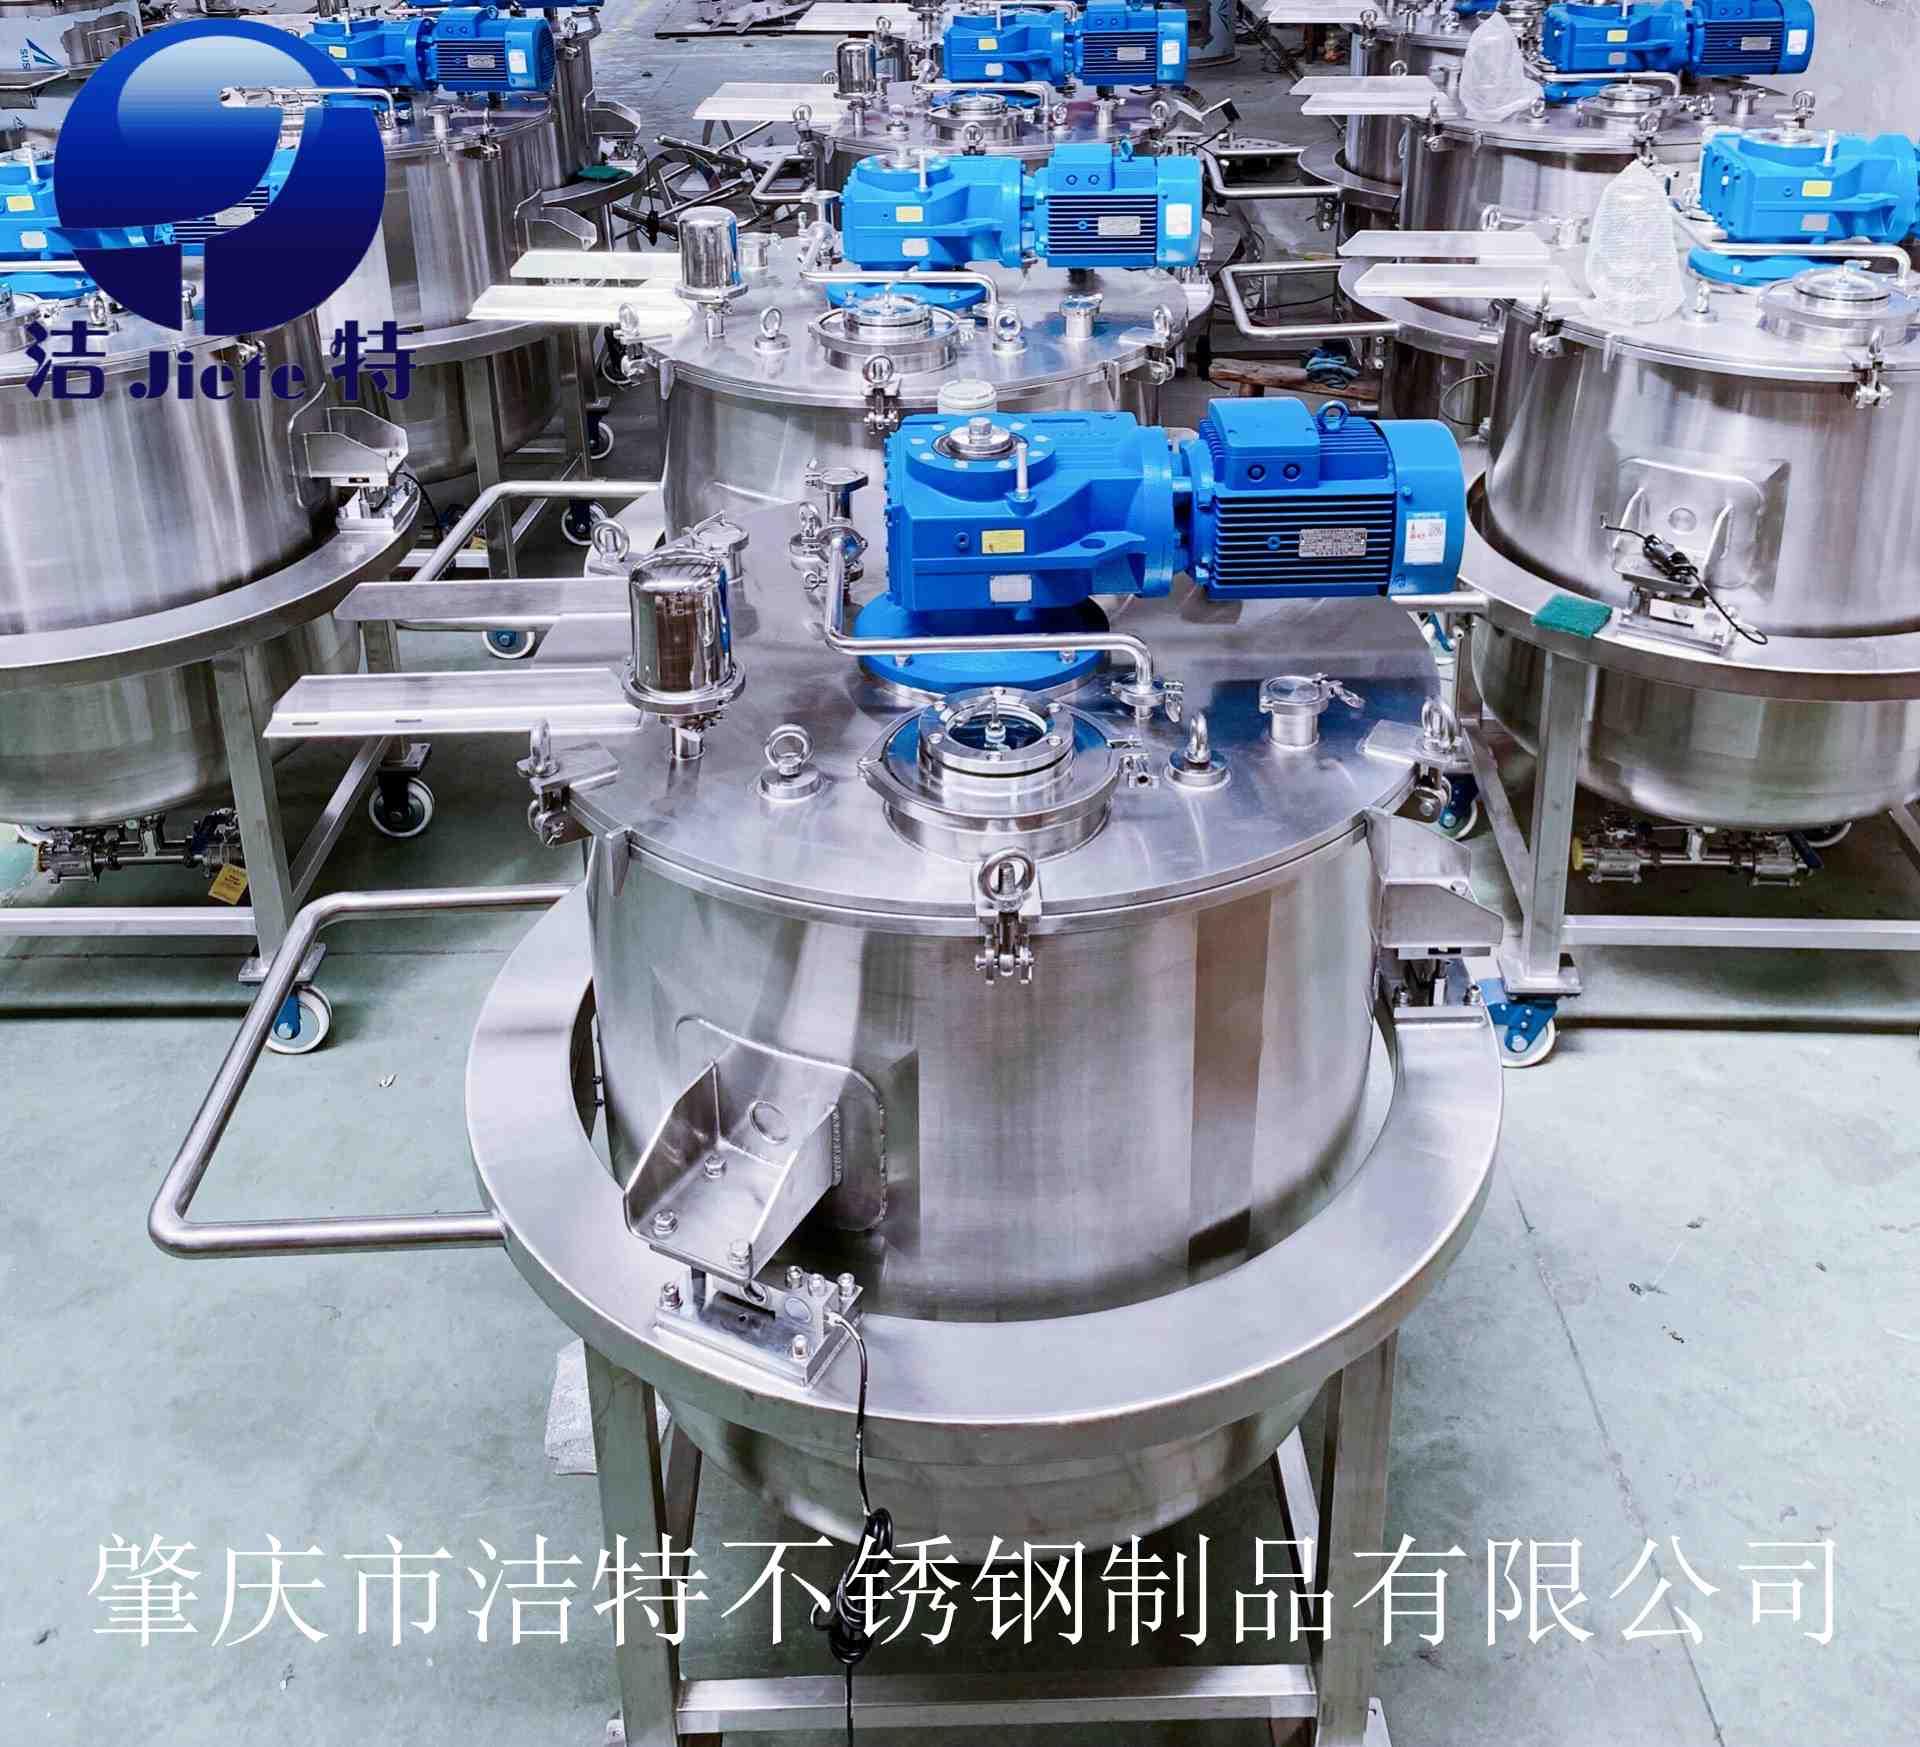 肇庆哪里有不锈钢保温罐价格_不锈钢保温罐厂家直销相关-肇庆市高要区洁特不锈钢制品有限公司